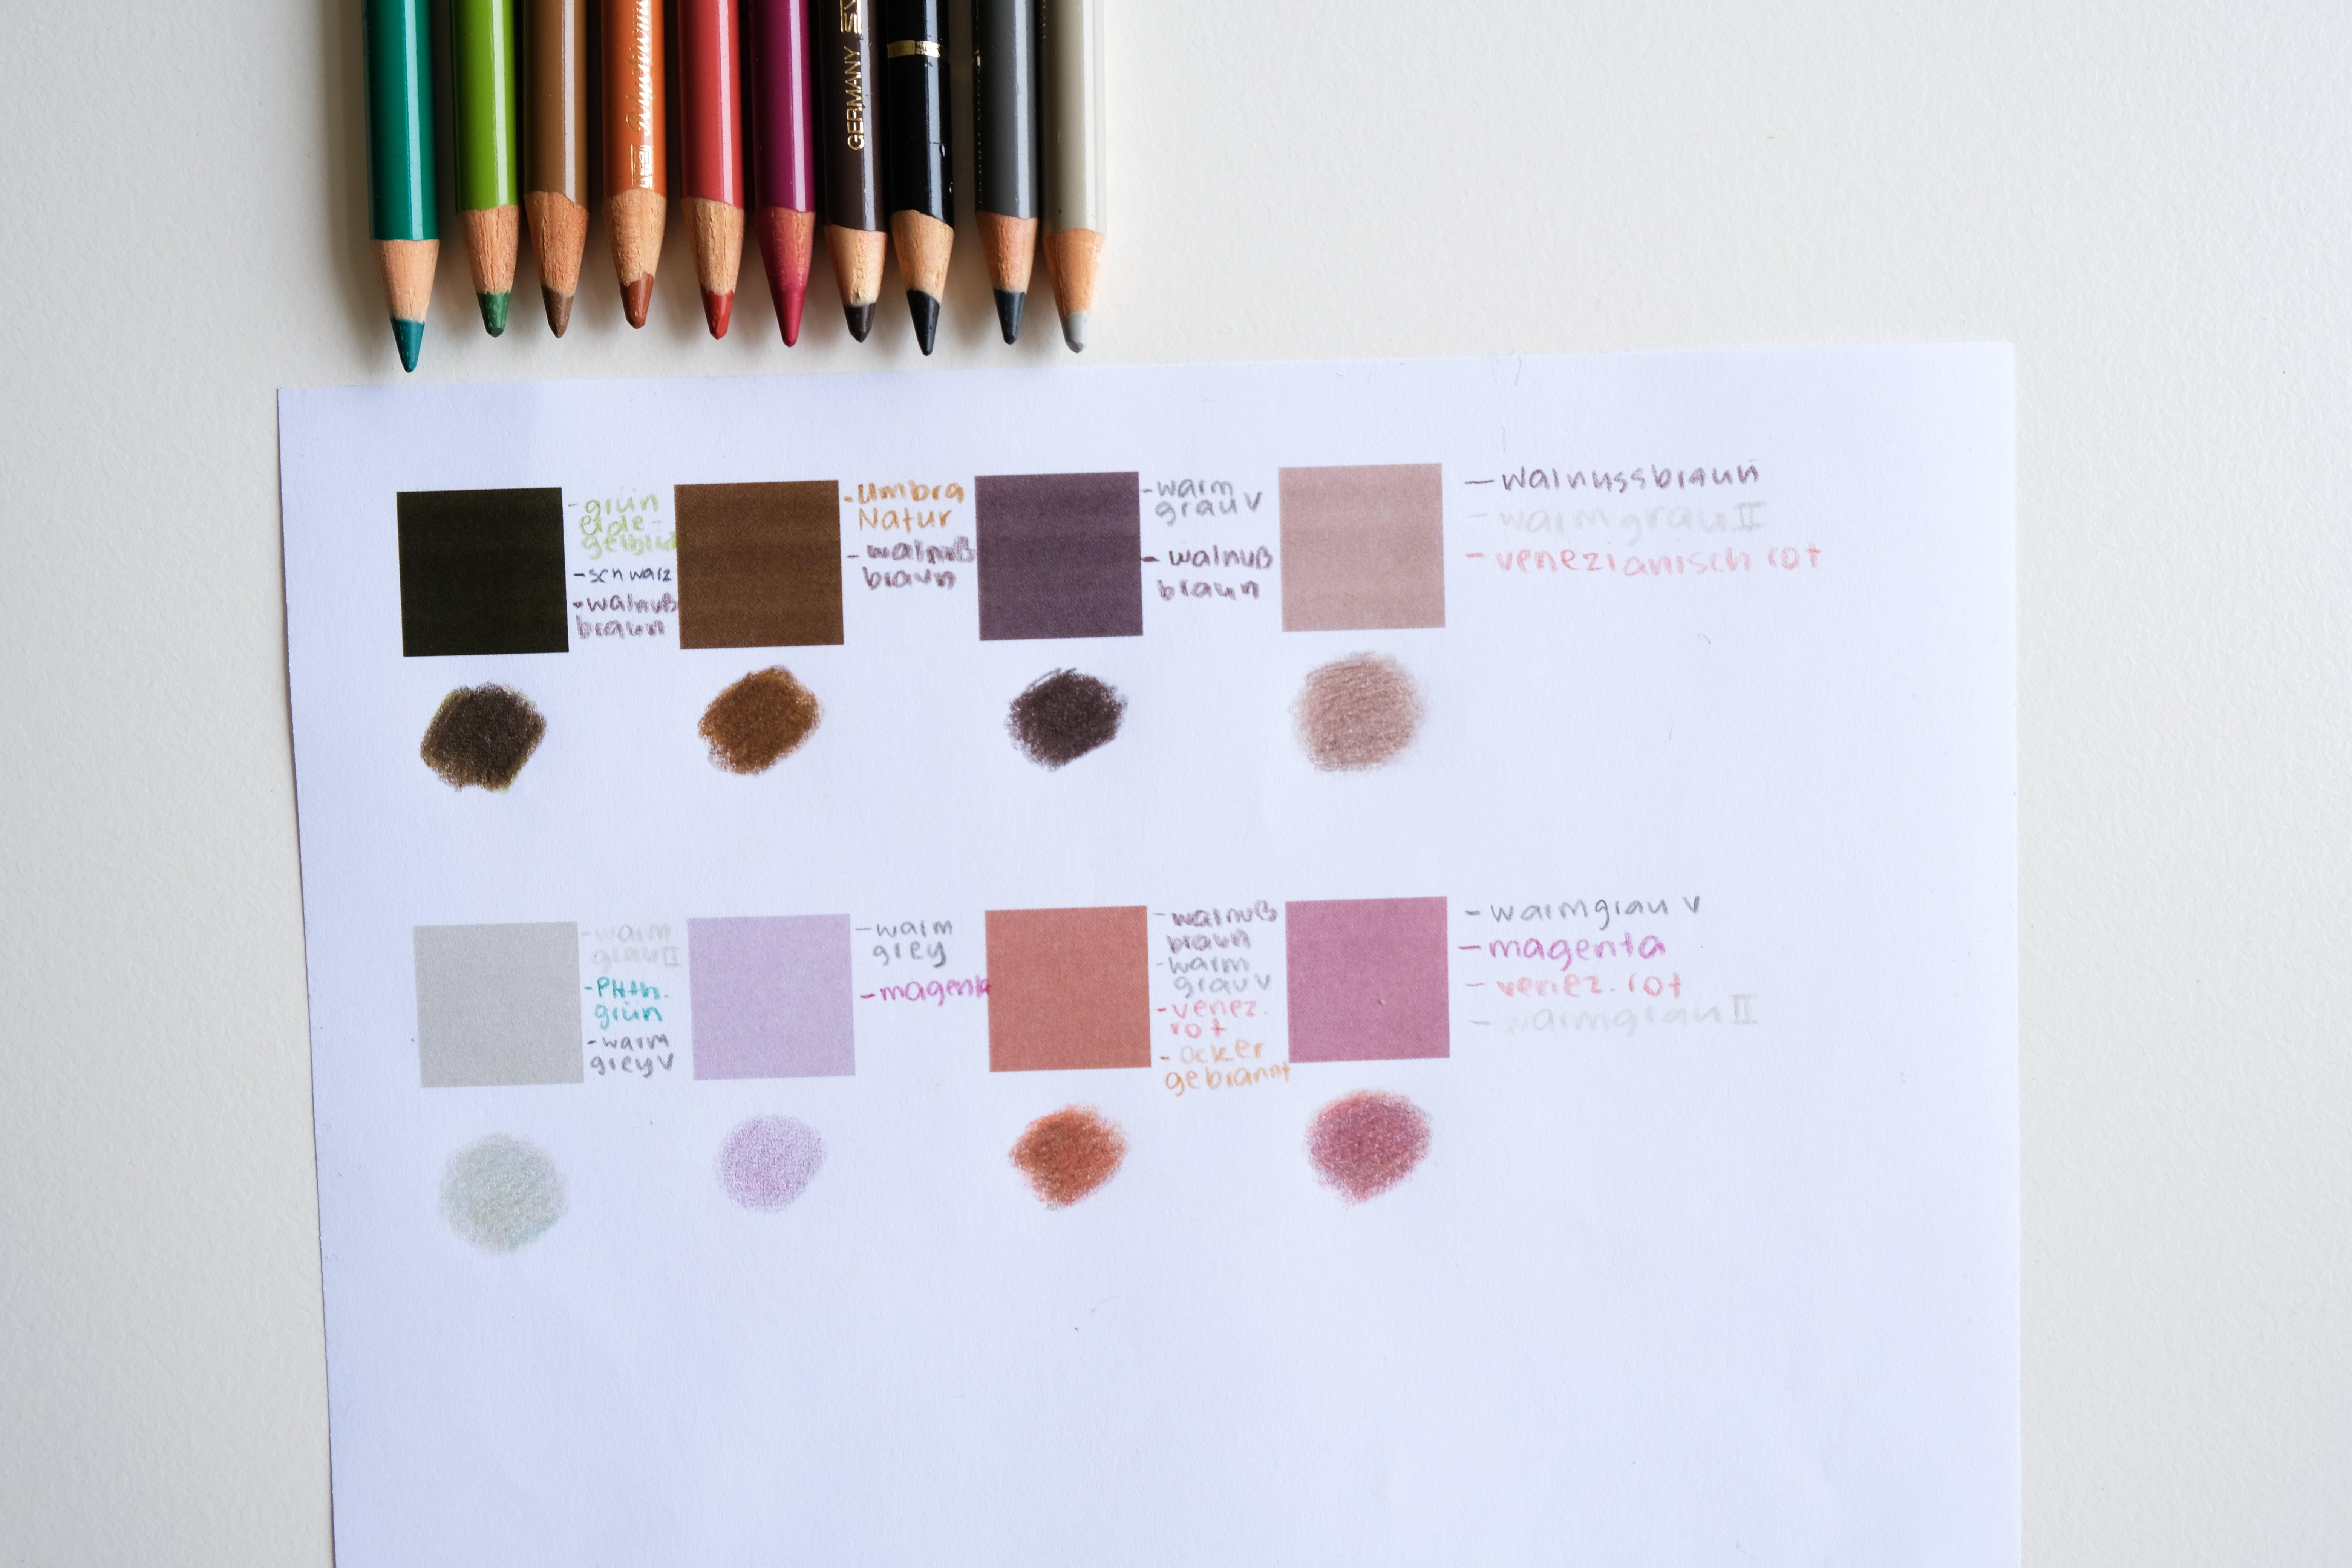 Farbtöne mit Buntstiften nachmischen - Haut zeichnen